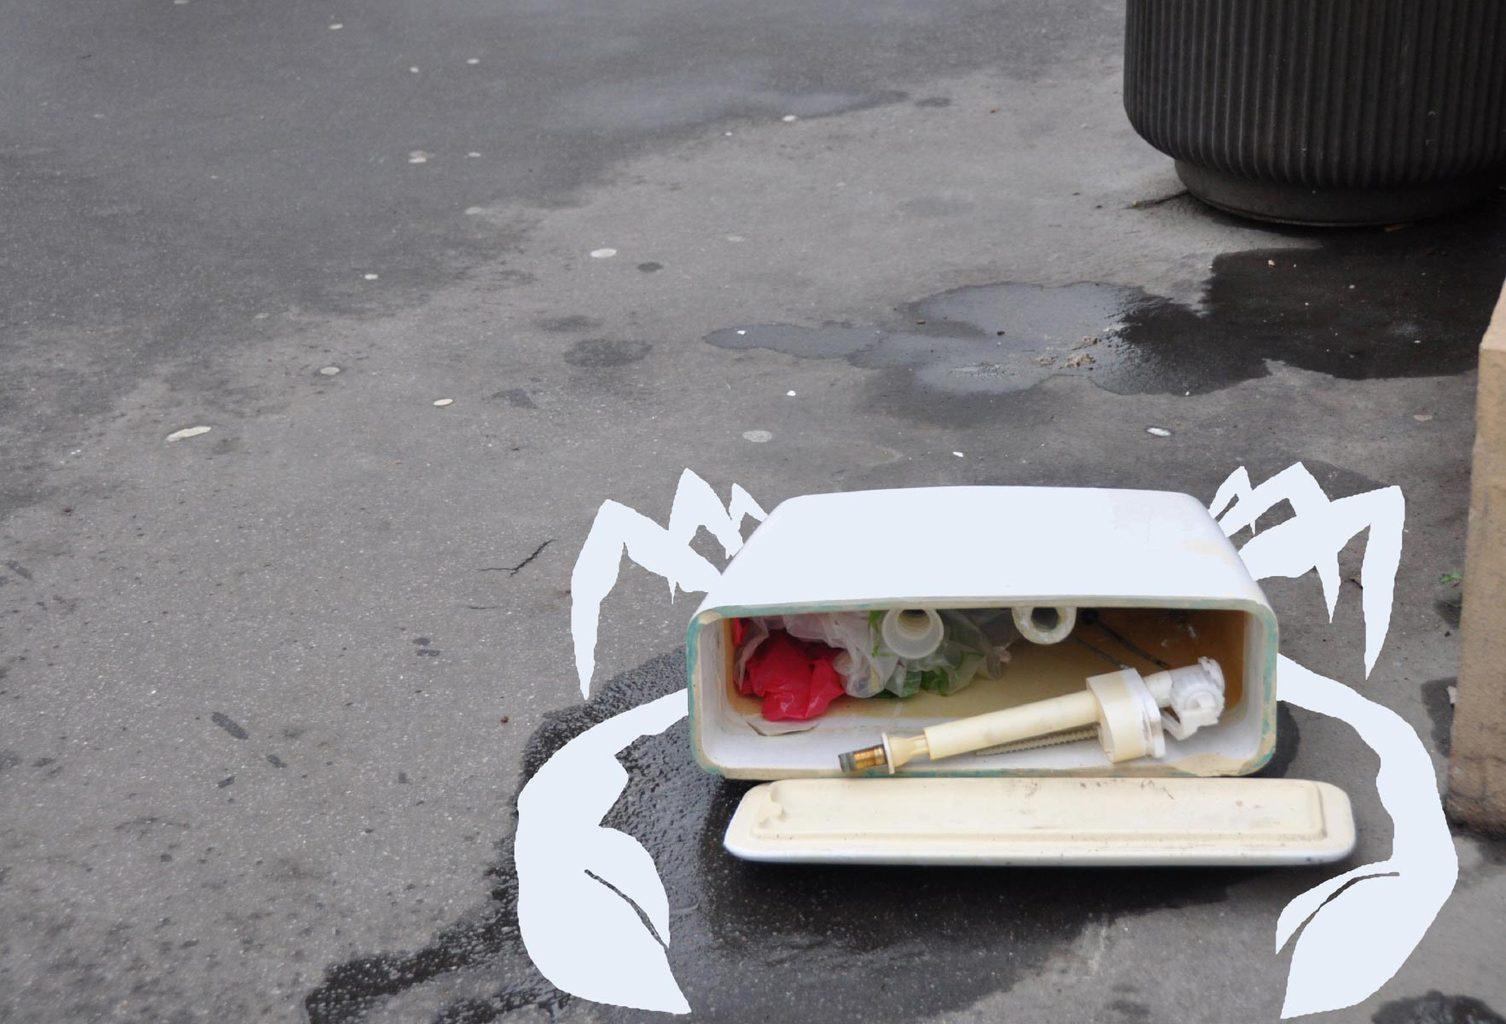 krab gemaakt van afval